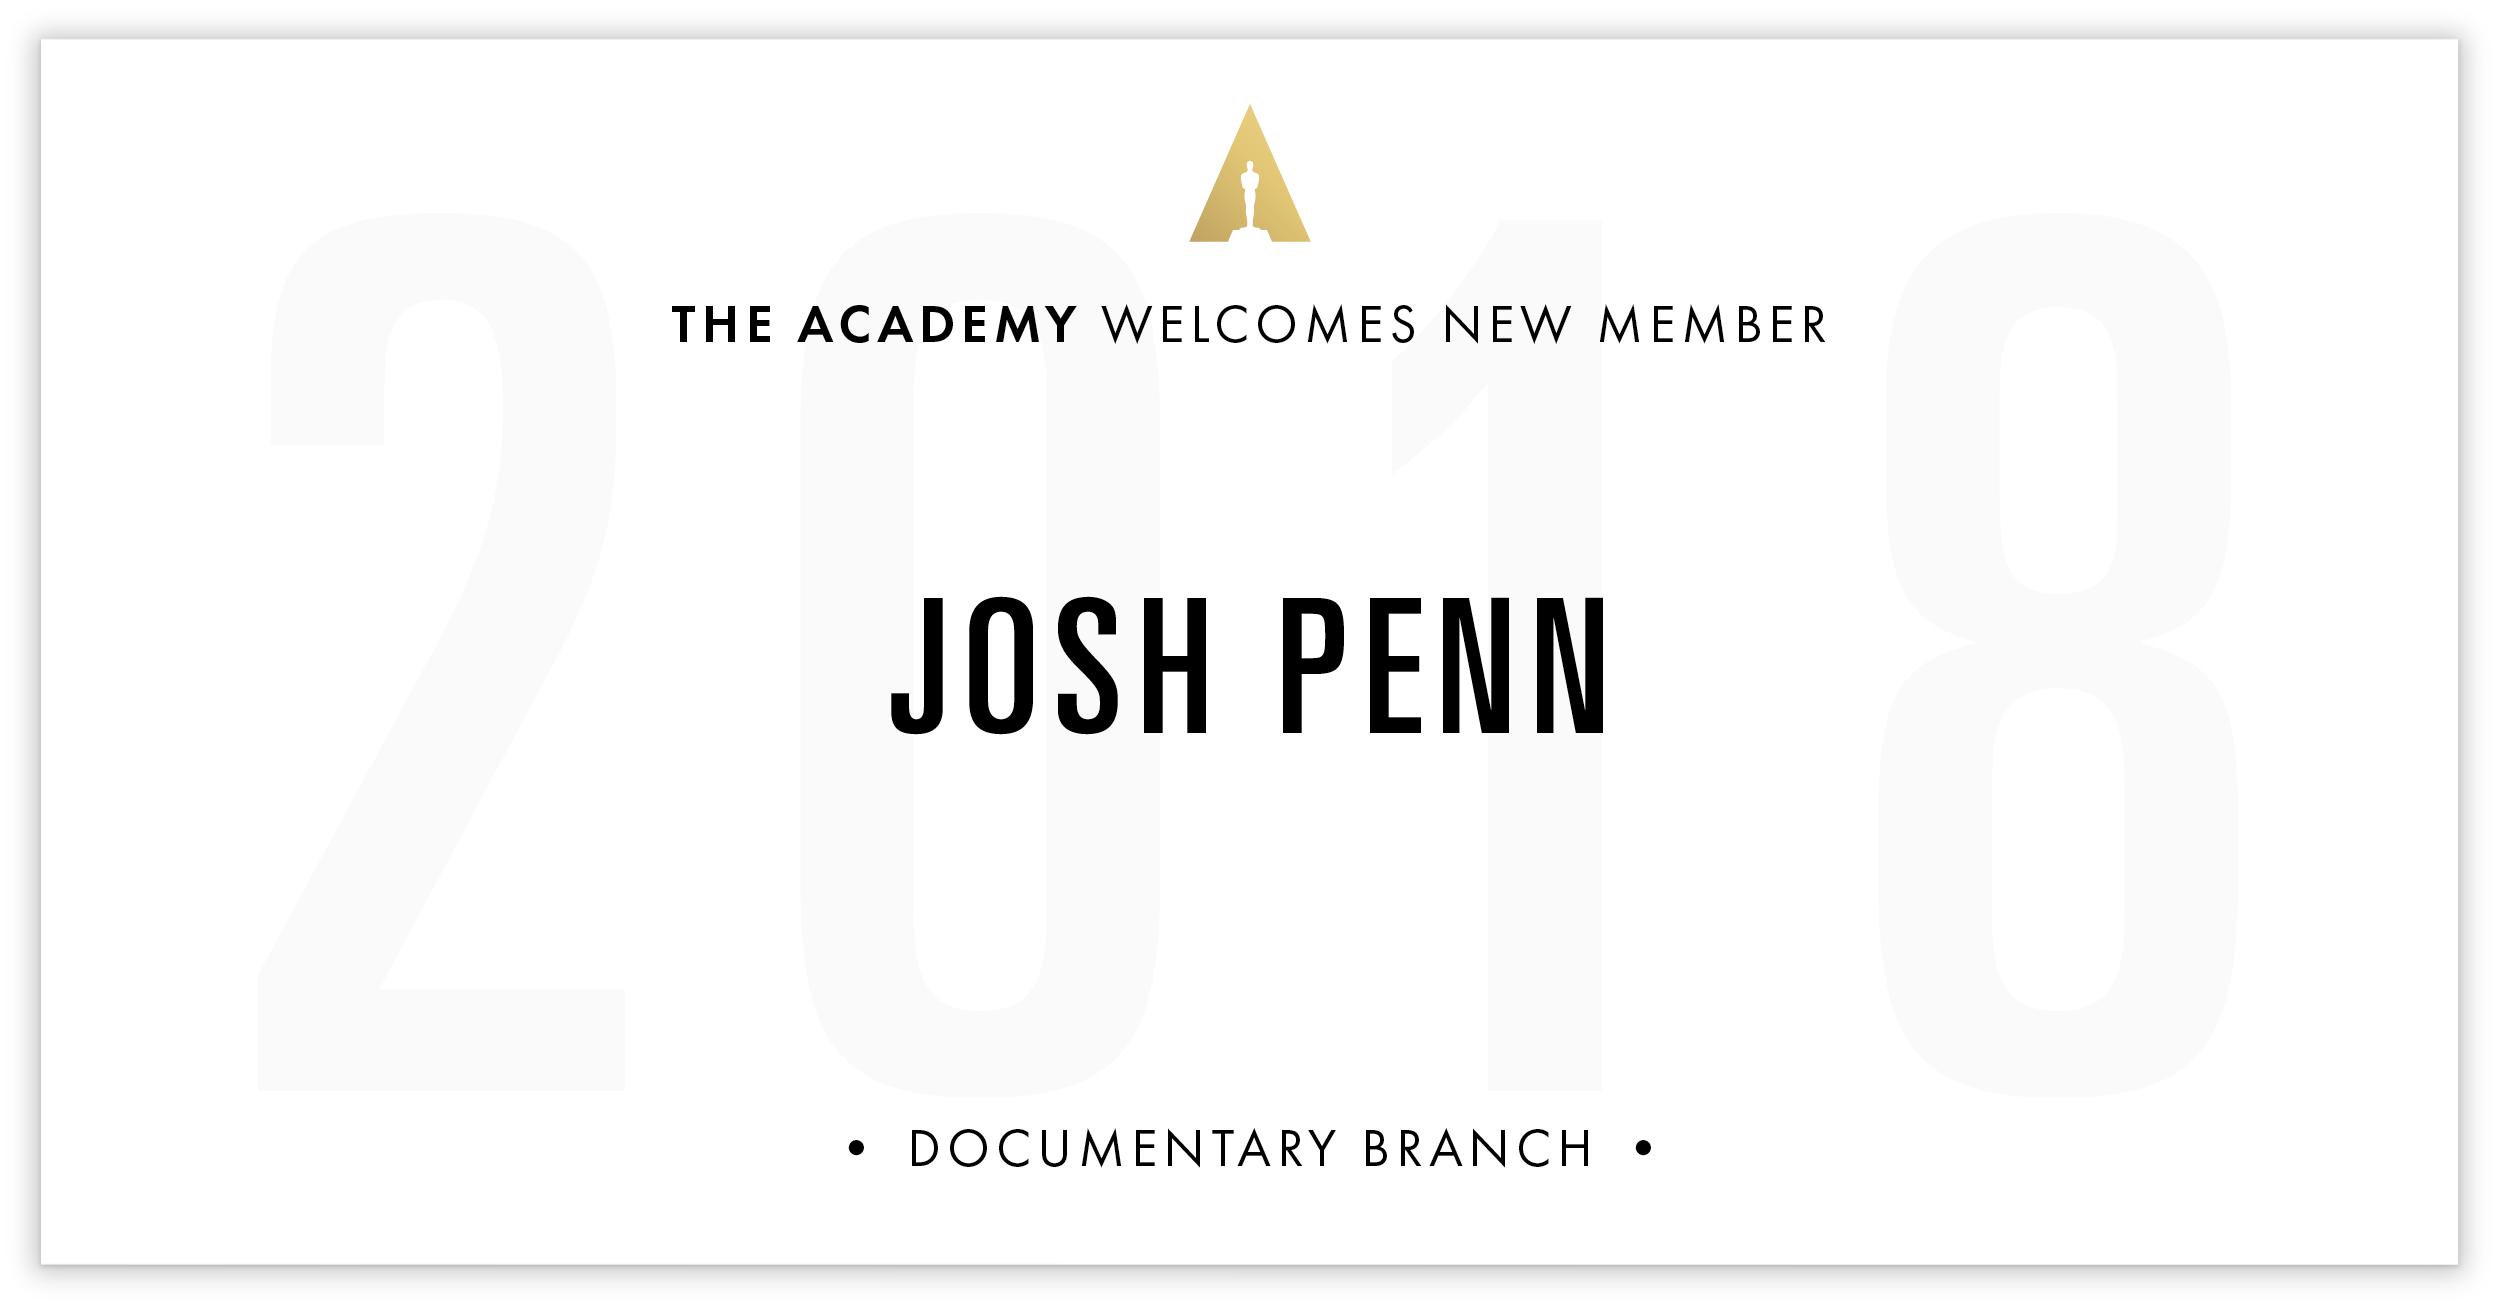 Josh Penn is invited!